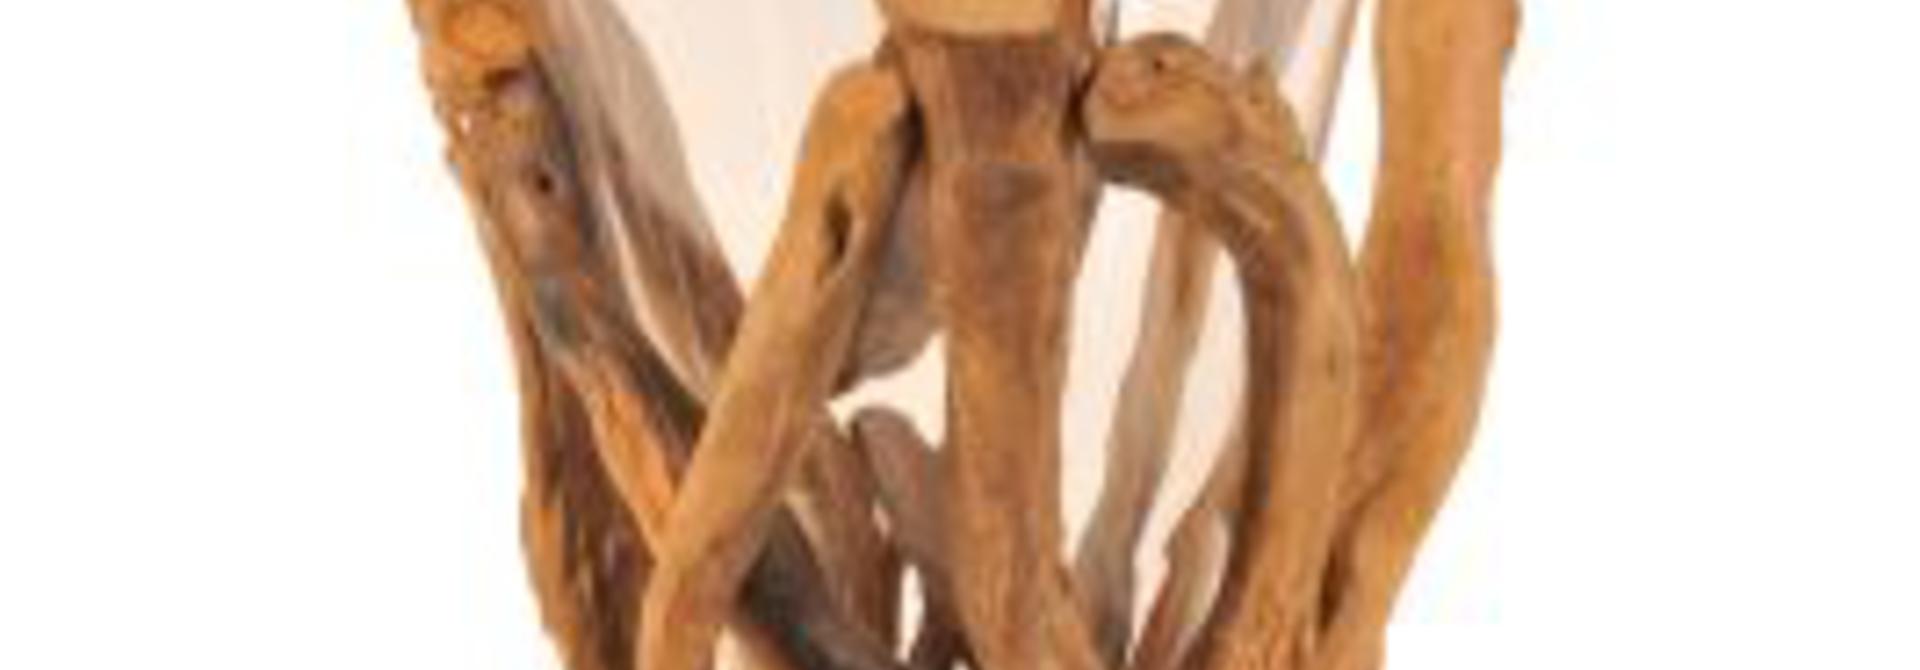 S BY SEGRAETI - Vase Laguna Apate 78cm